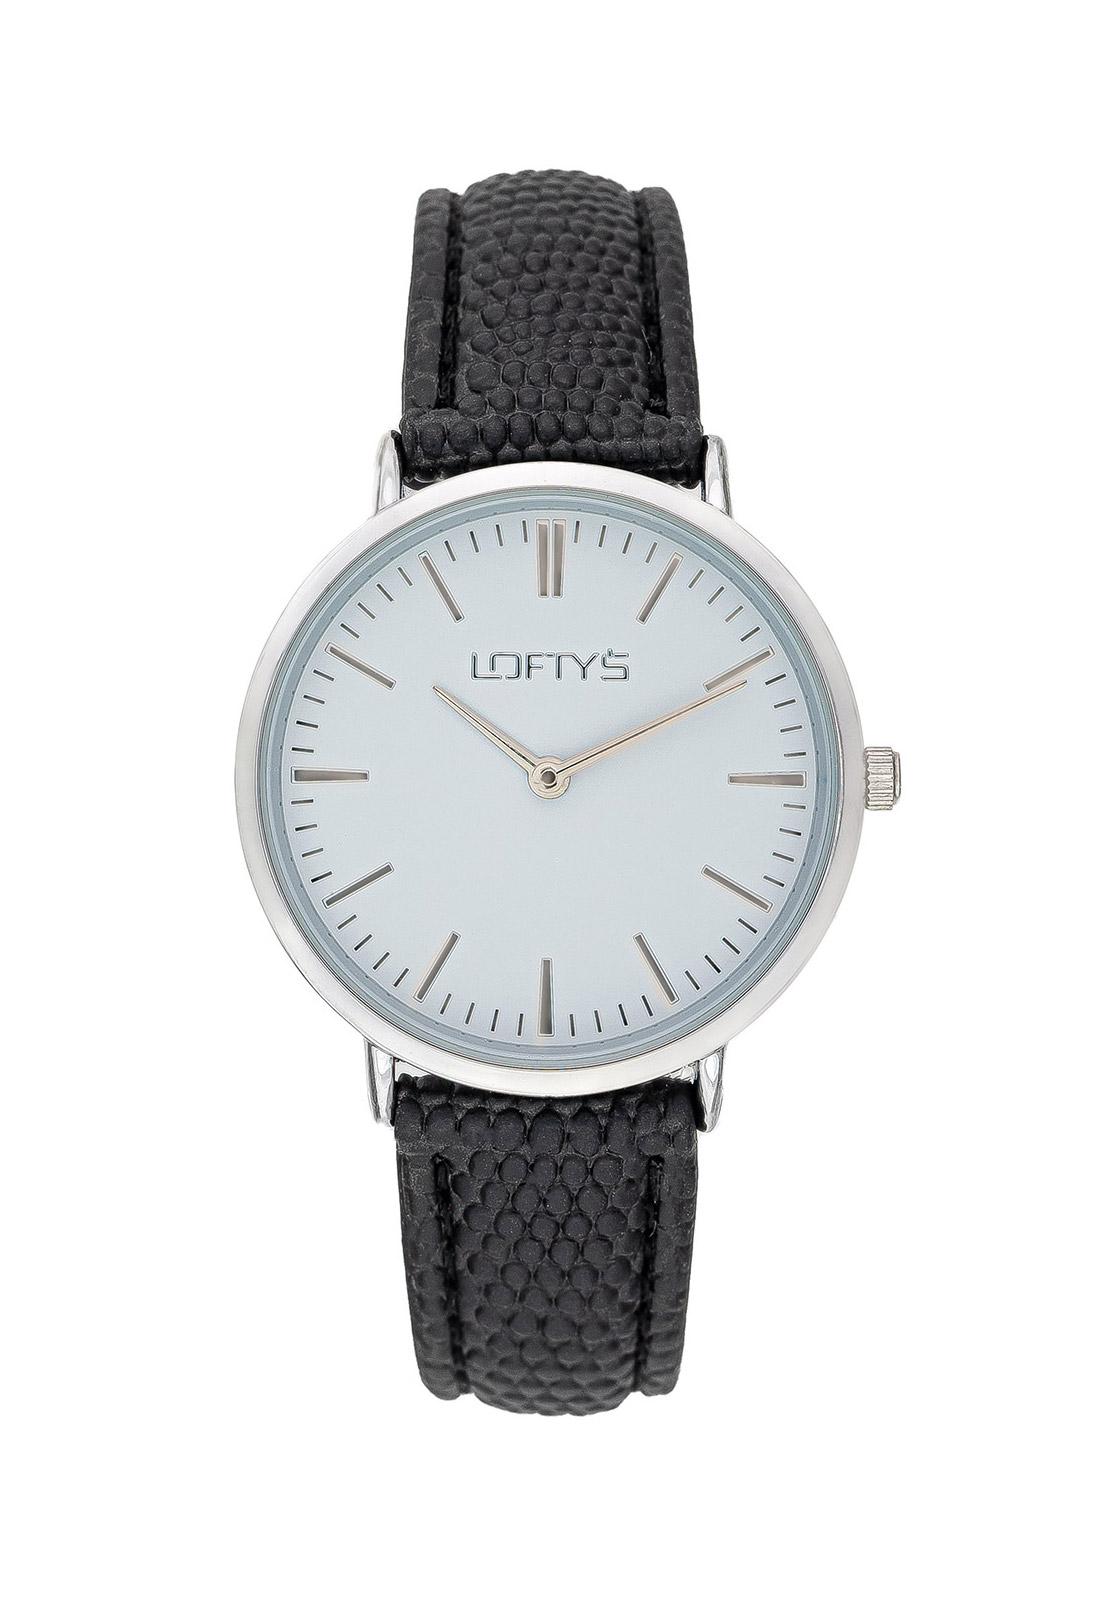 Ρολόι Loftys Corona Μαύρο Λουράκι και Λευκό Καντράν Y2016-7